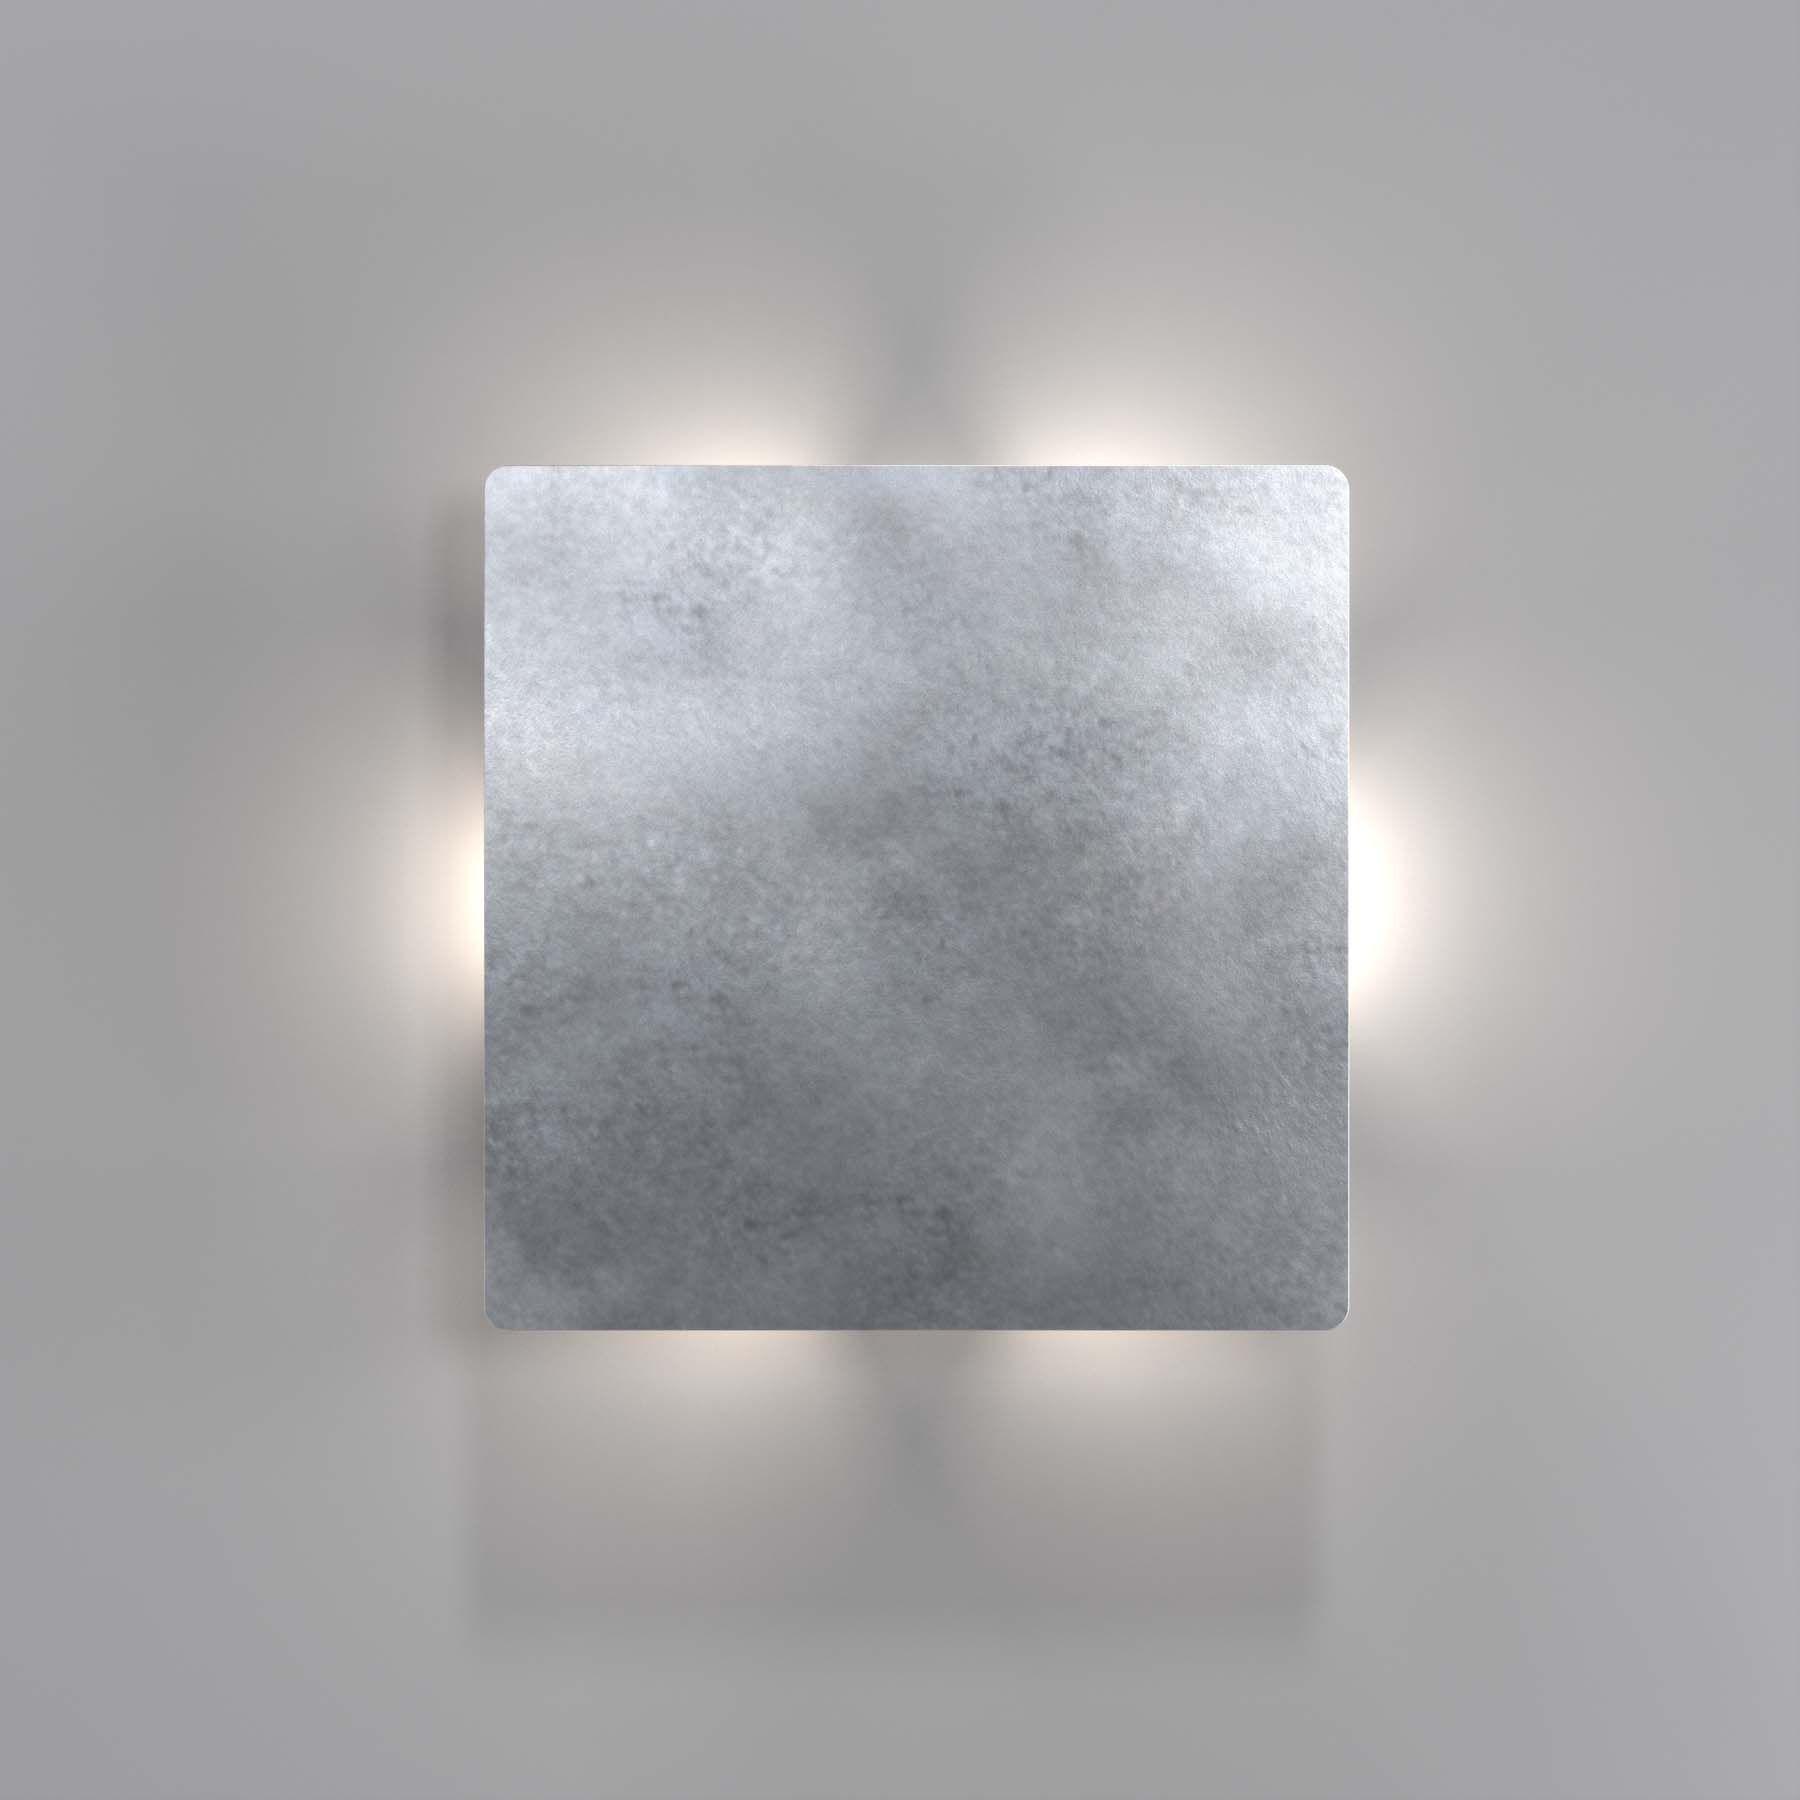 e4148da8b986e858c0fbff4dba7d652a Wunderbar Led Lampen E14 Warmweiß Dekorationen